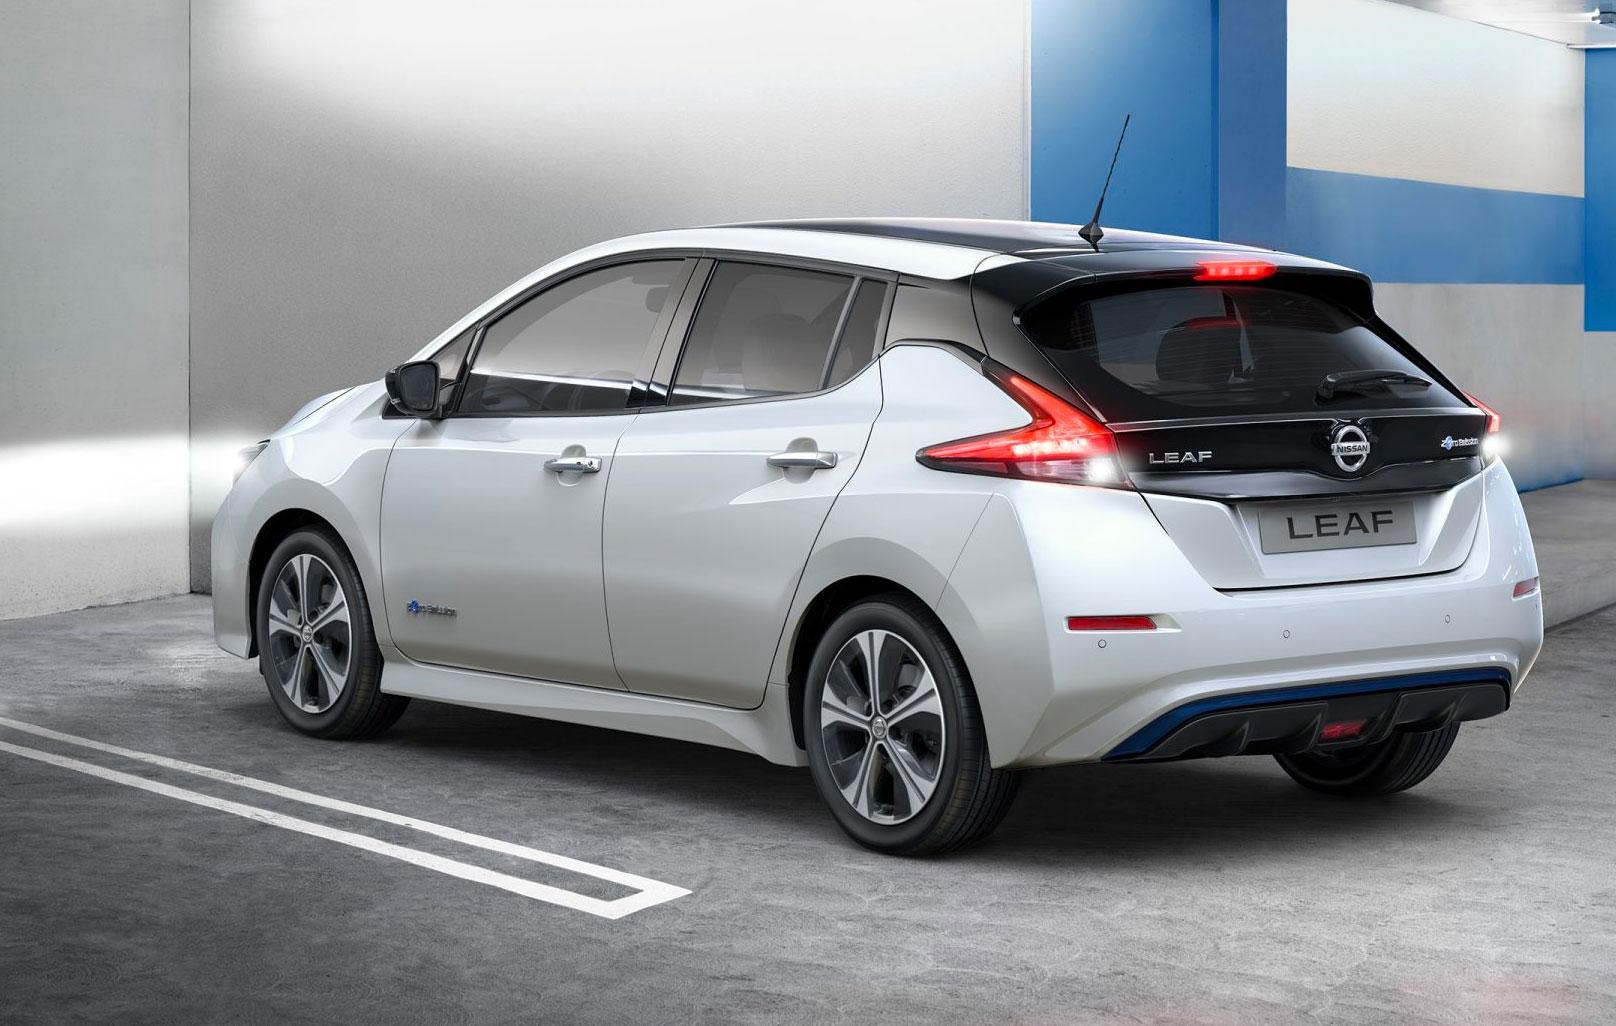 nissan-leaf-elektriauto-2019